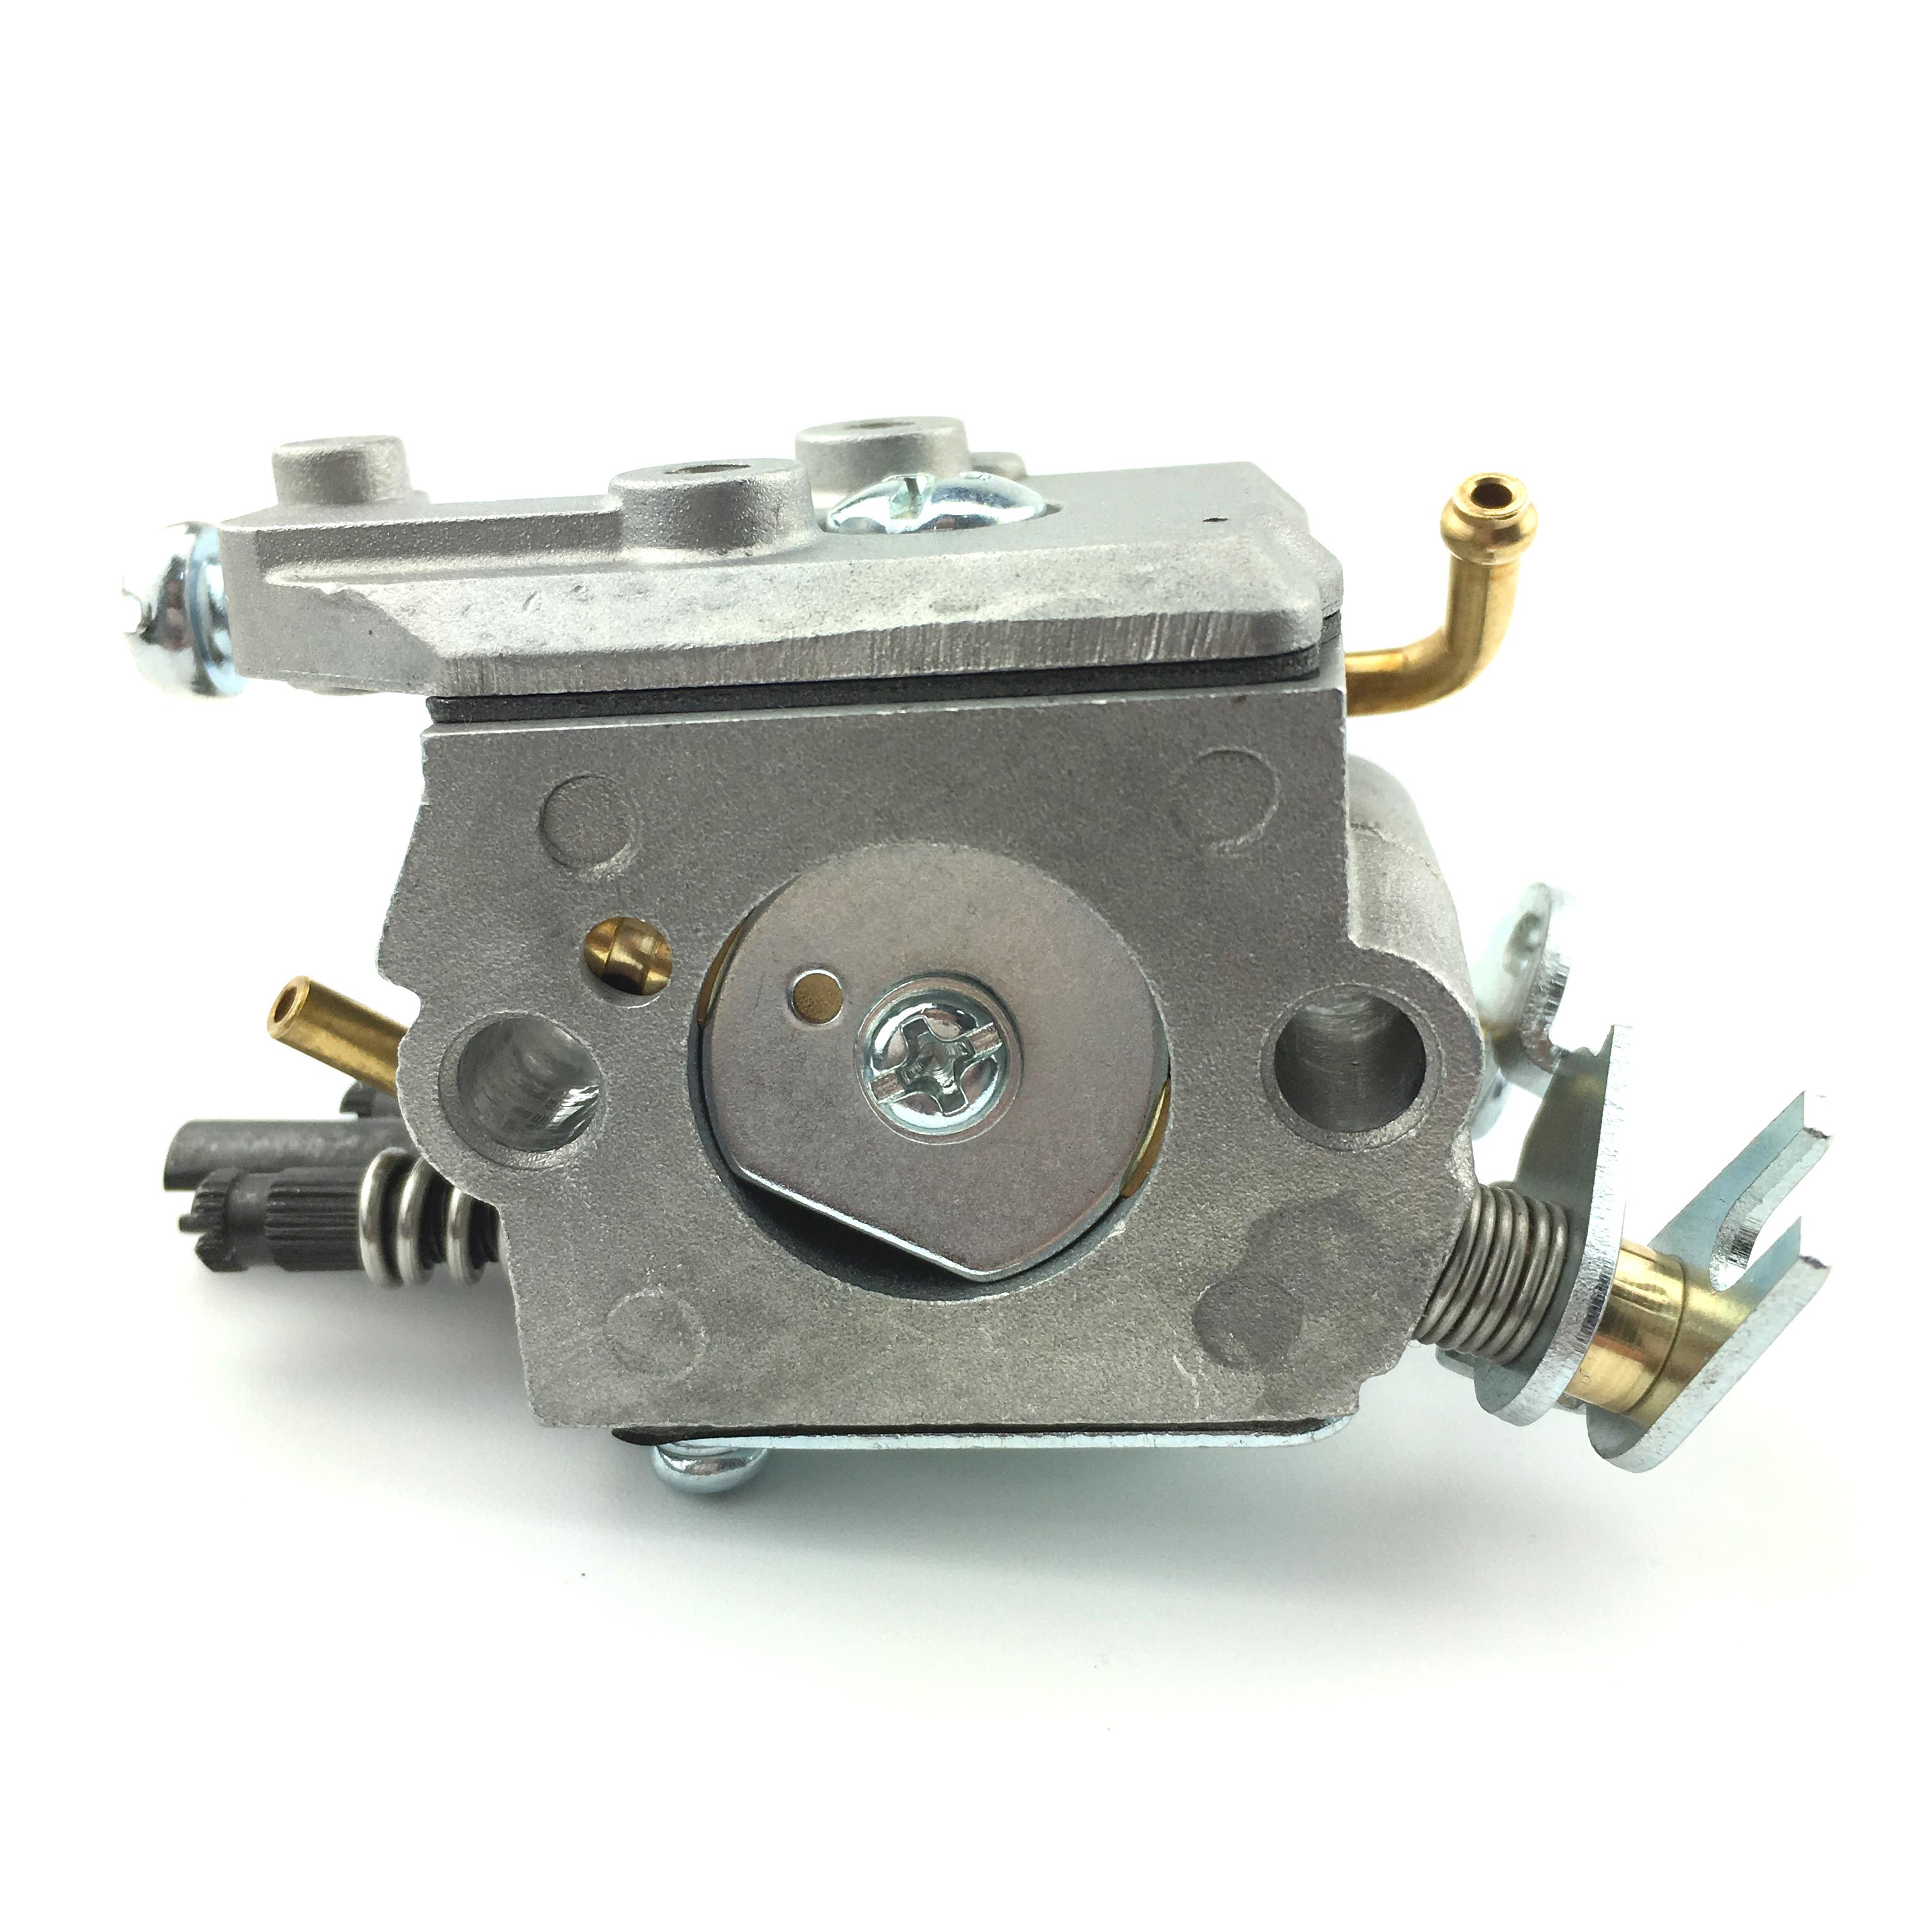 327 Chevy Blower Pistons: Zama C1Q-EL24 Carburetor For Husqvarna 123 223 322 323 325